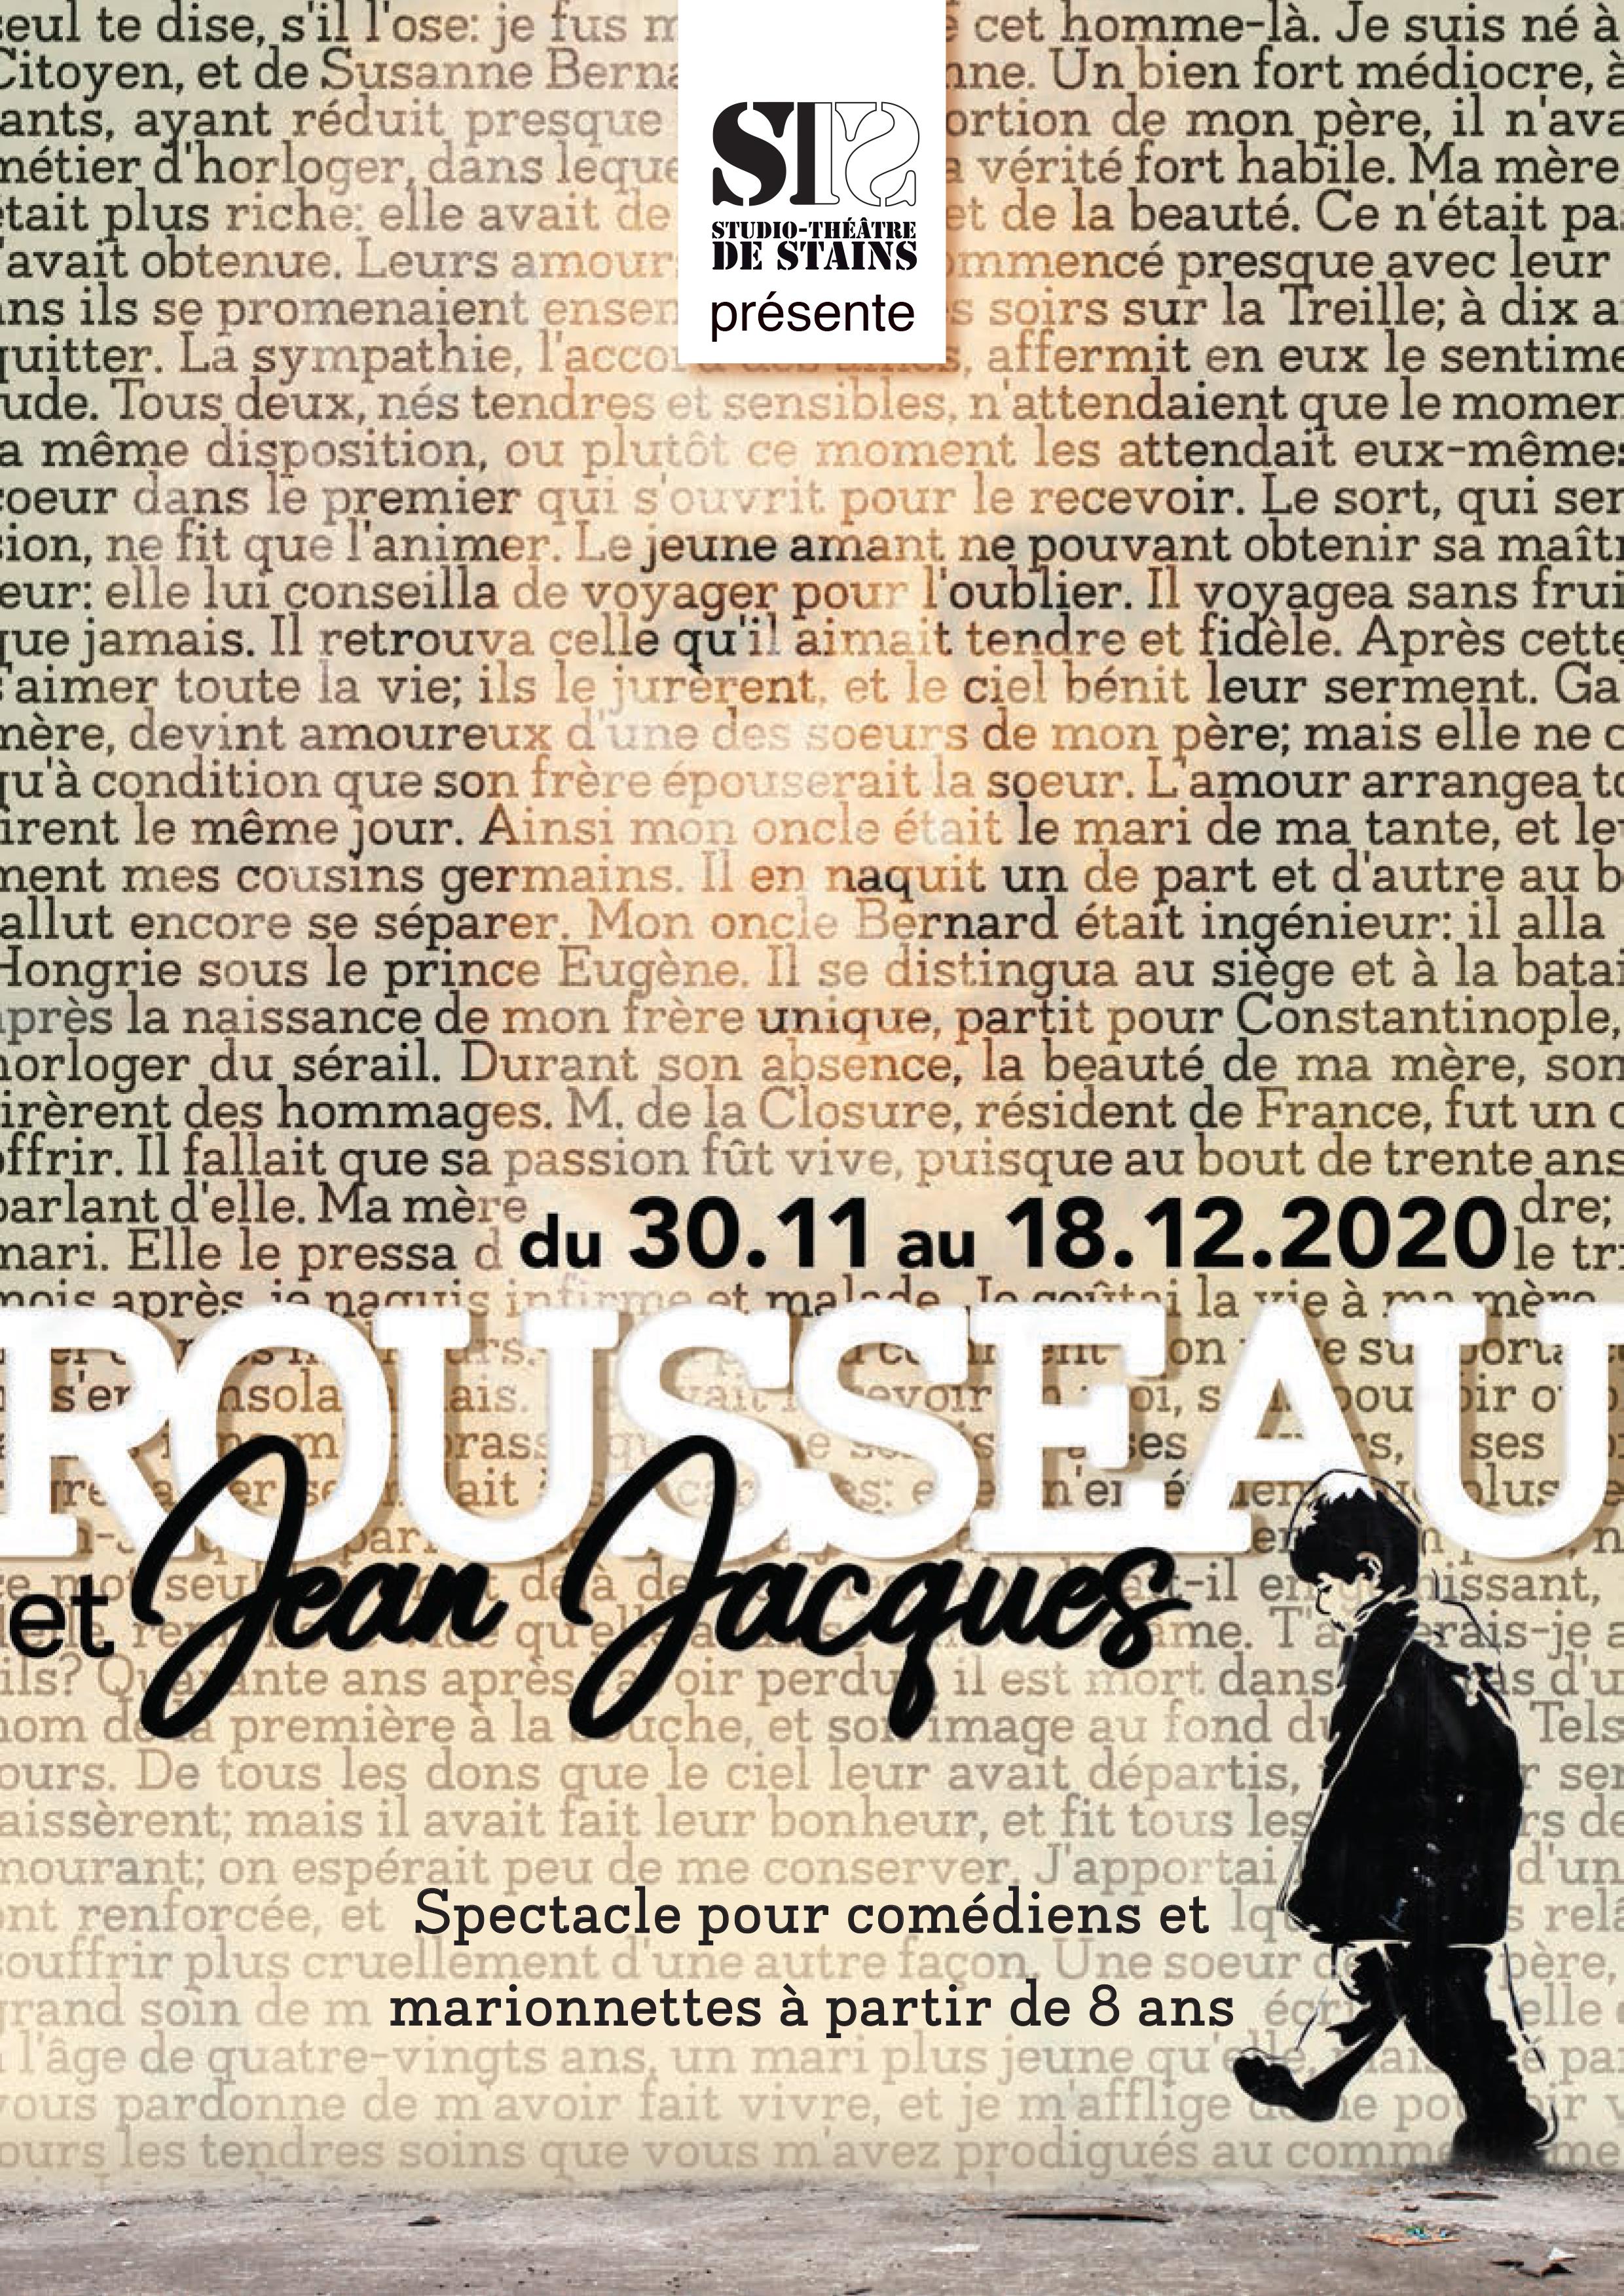 Affiche - Rousseau et Jean-Jacques.jpg